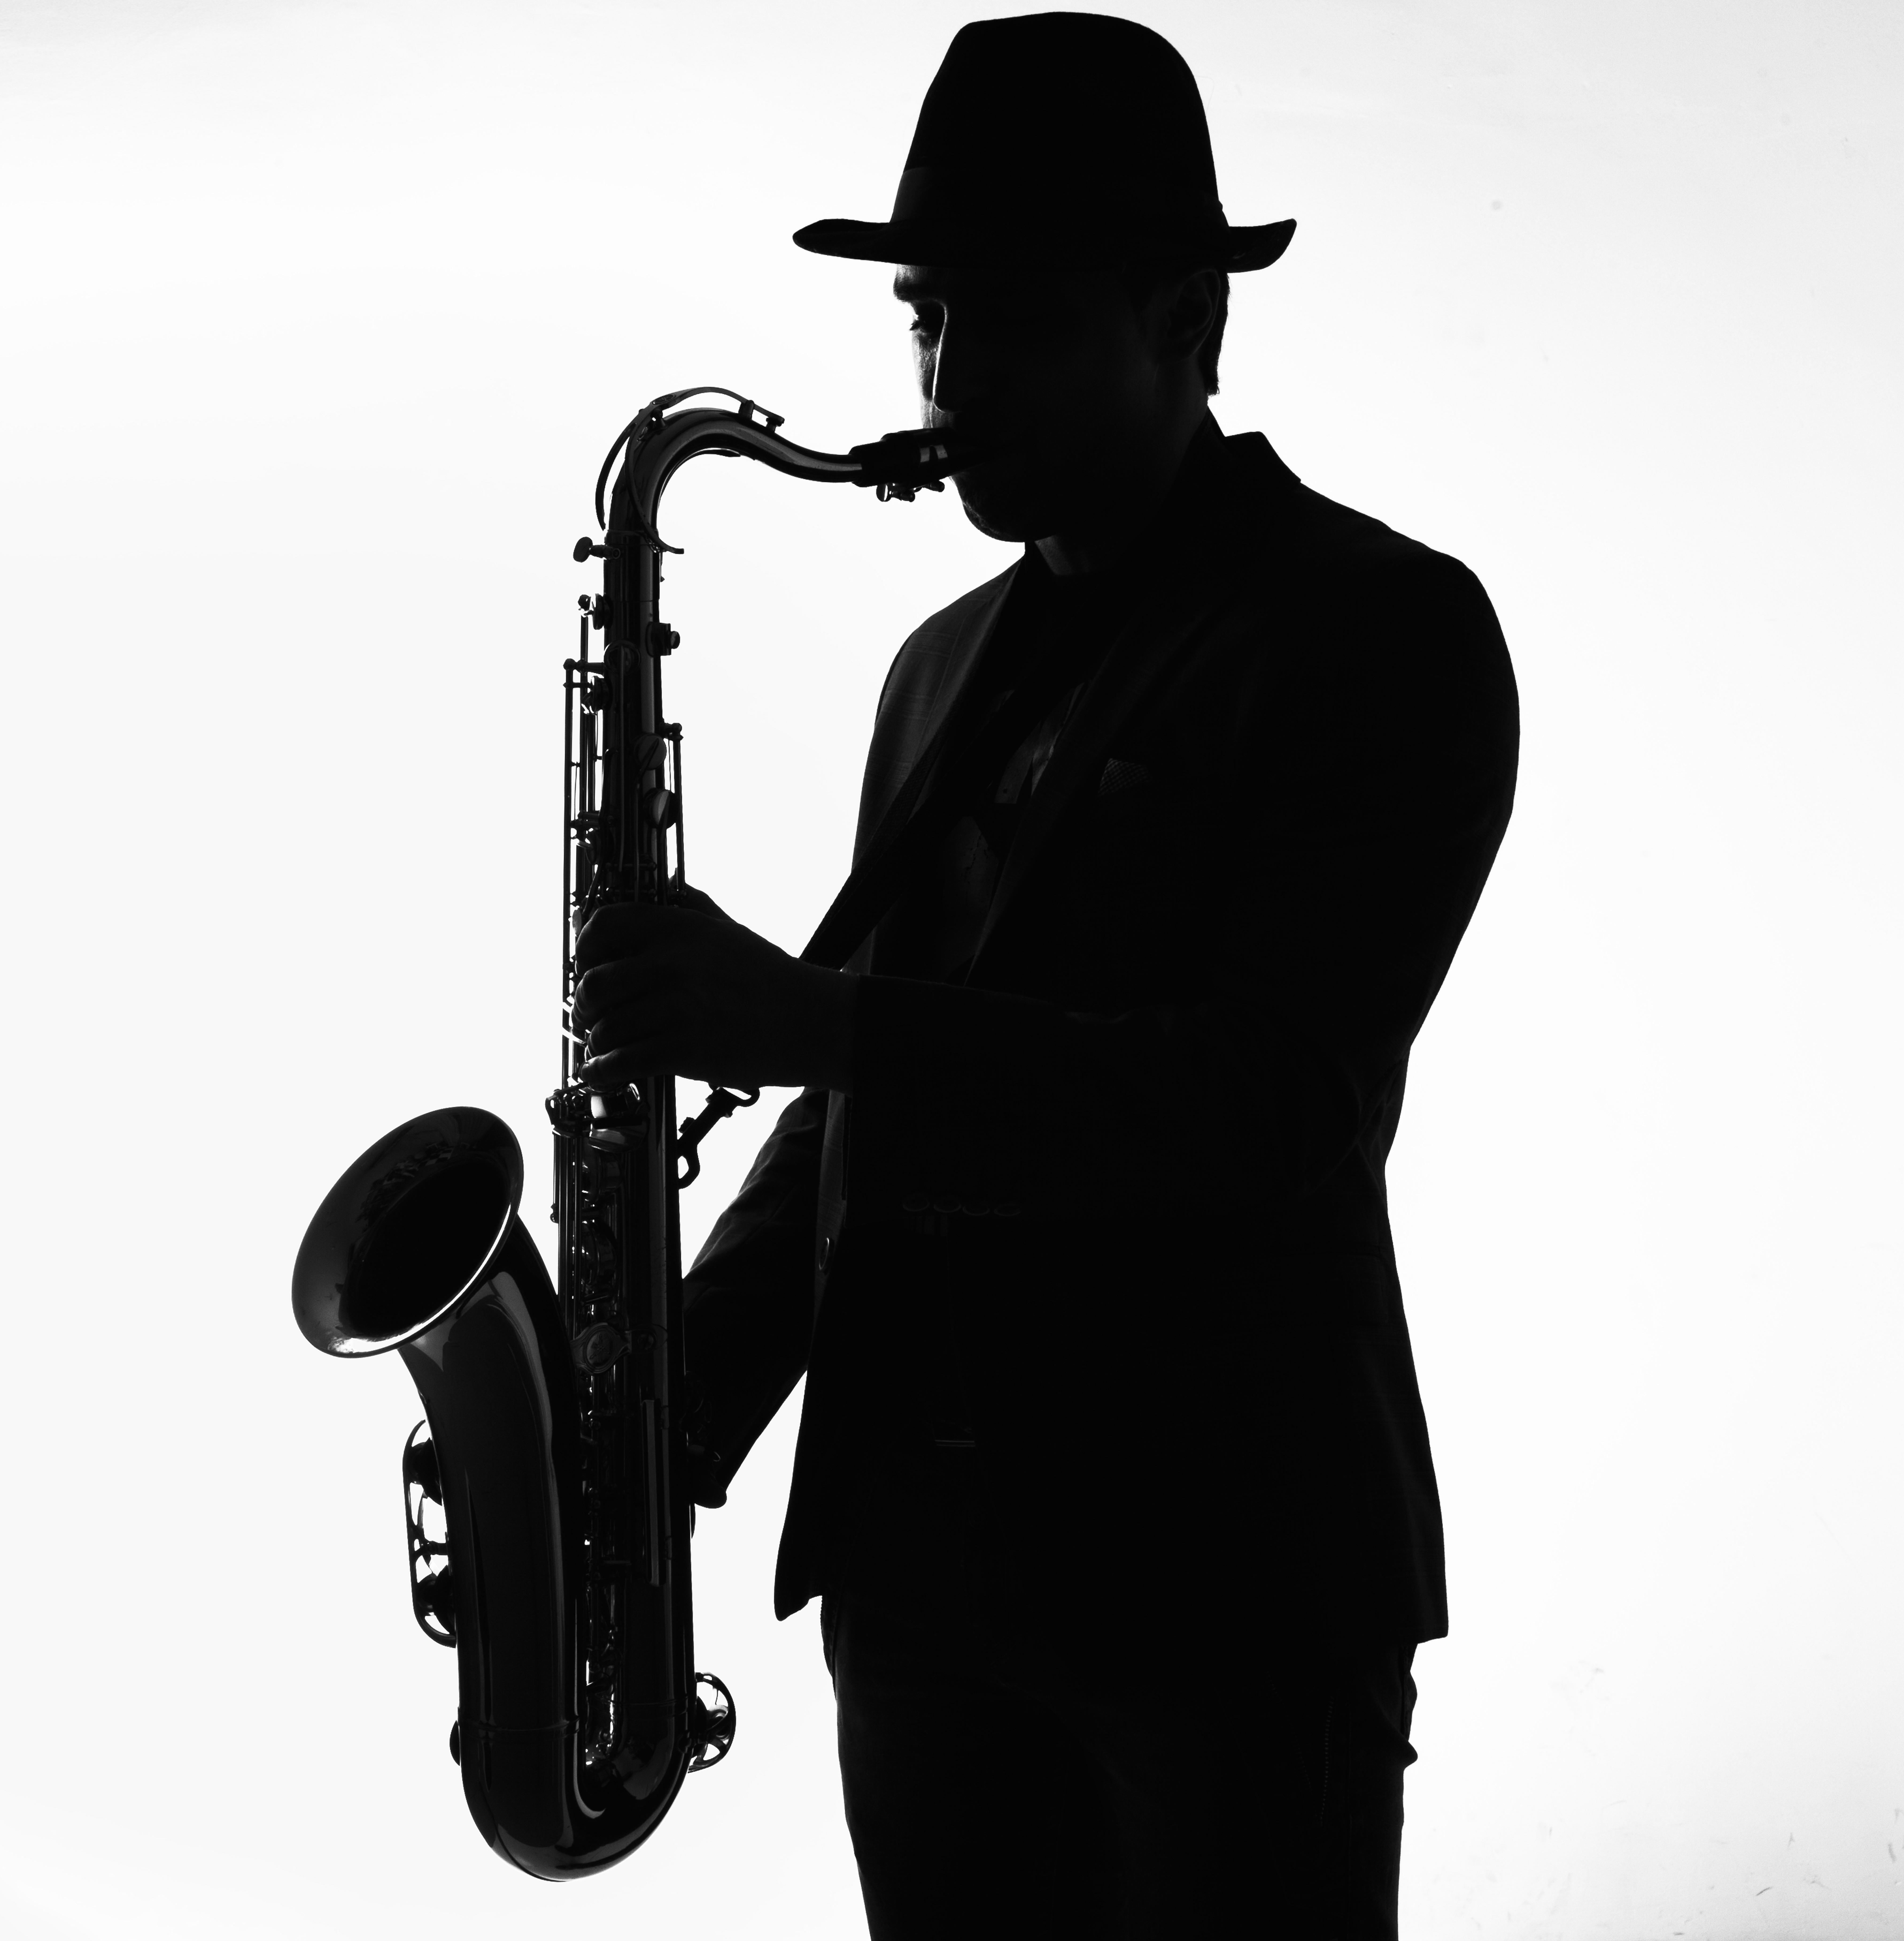 saxofonist-silhouet